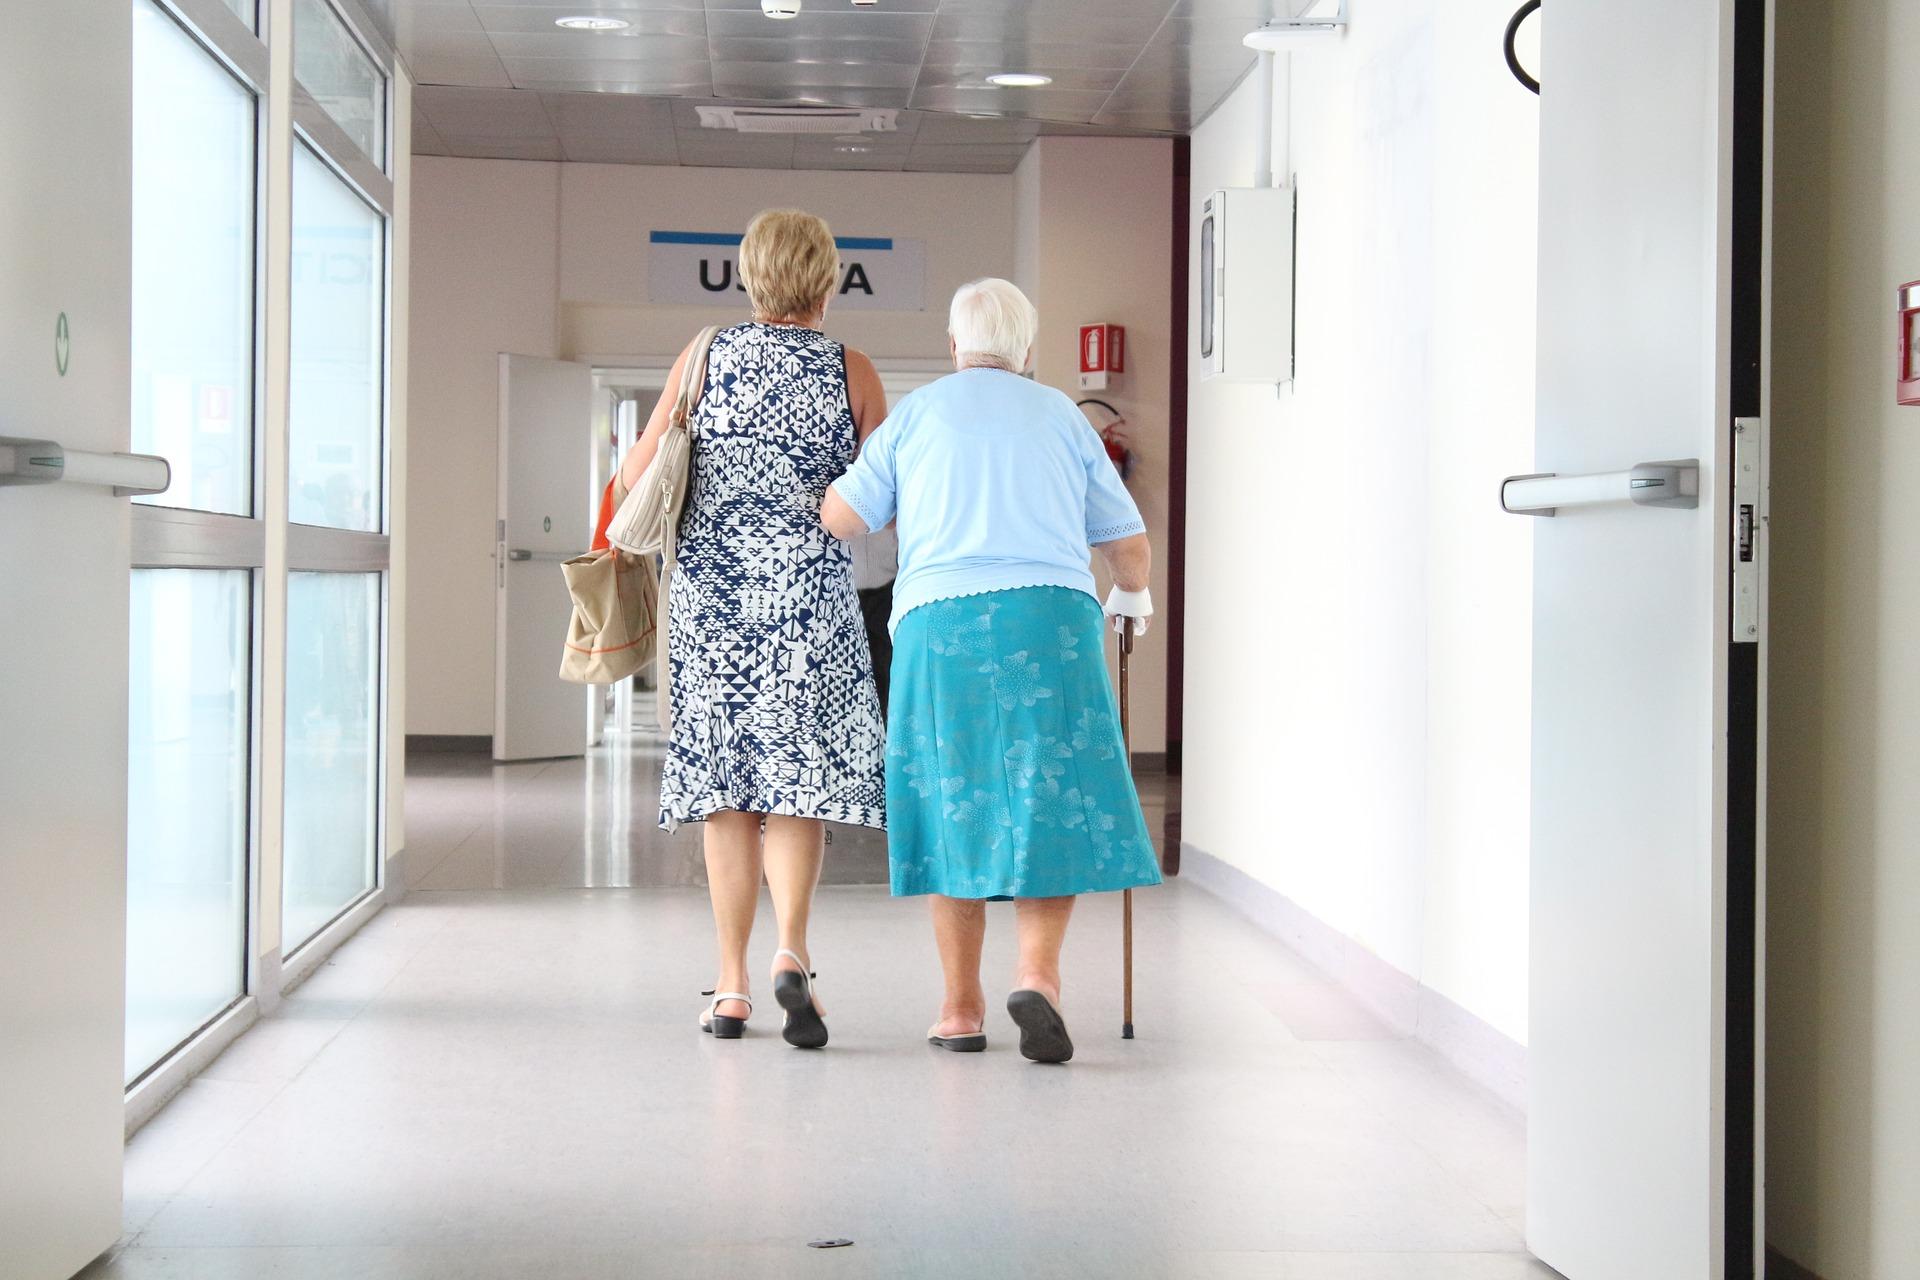 Опекунство над пожилым человеком 80 лет в 2020 году: оформление, документы